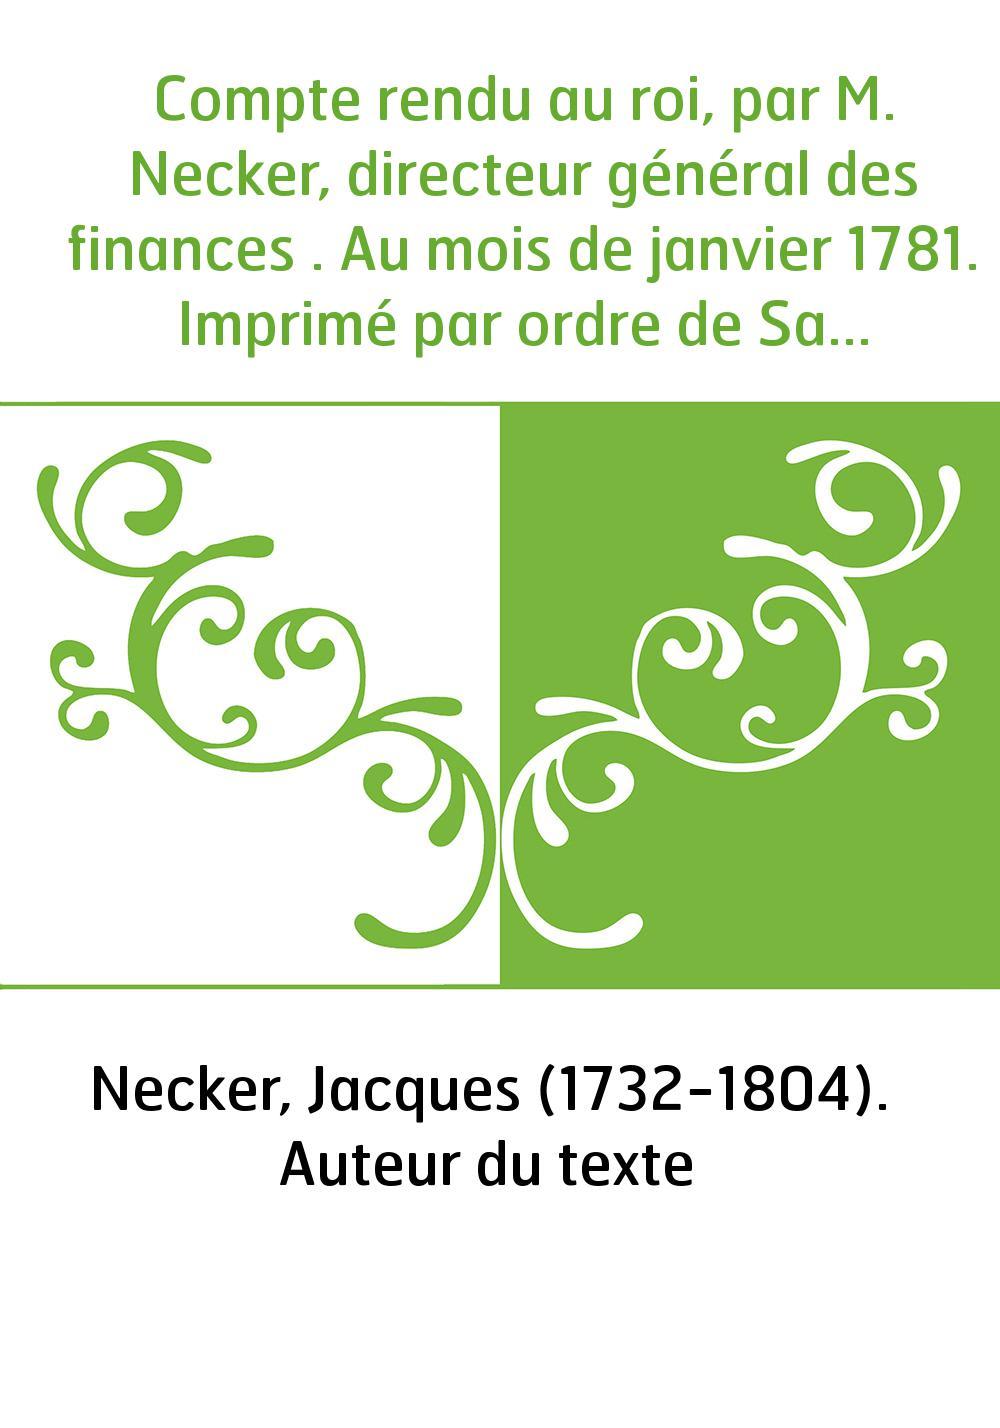 Compte rendu au roi, par M. Necker, directeur général des finances . Au mois de janvier 1781. Imprimé par ordre de Sa Majesté